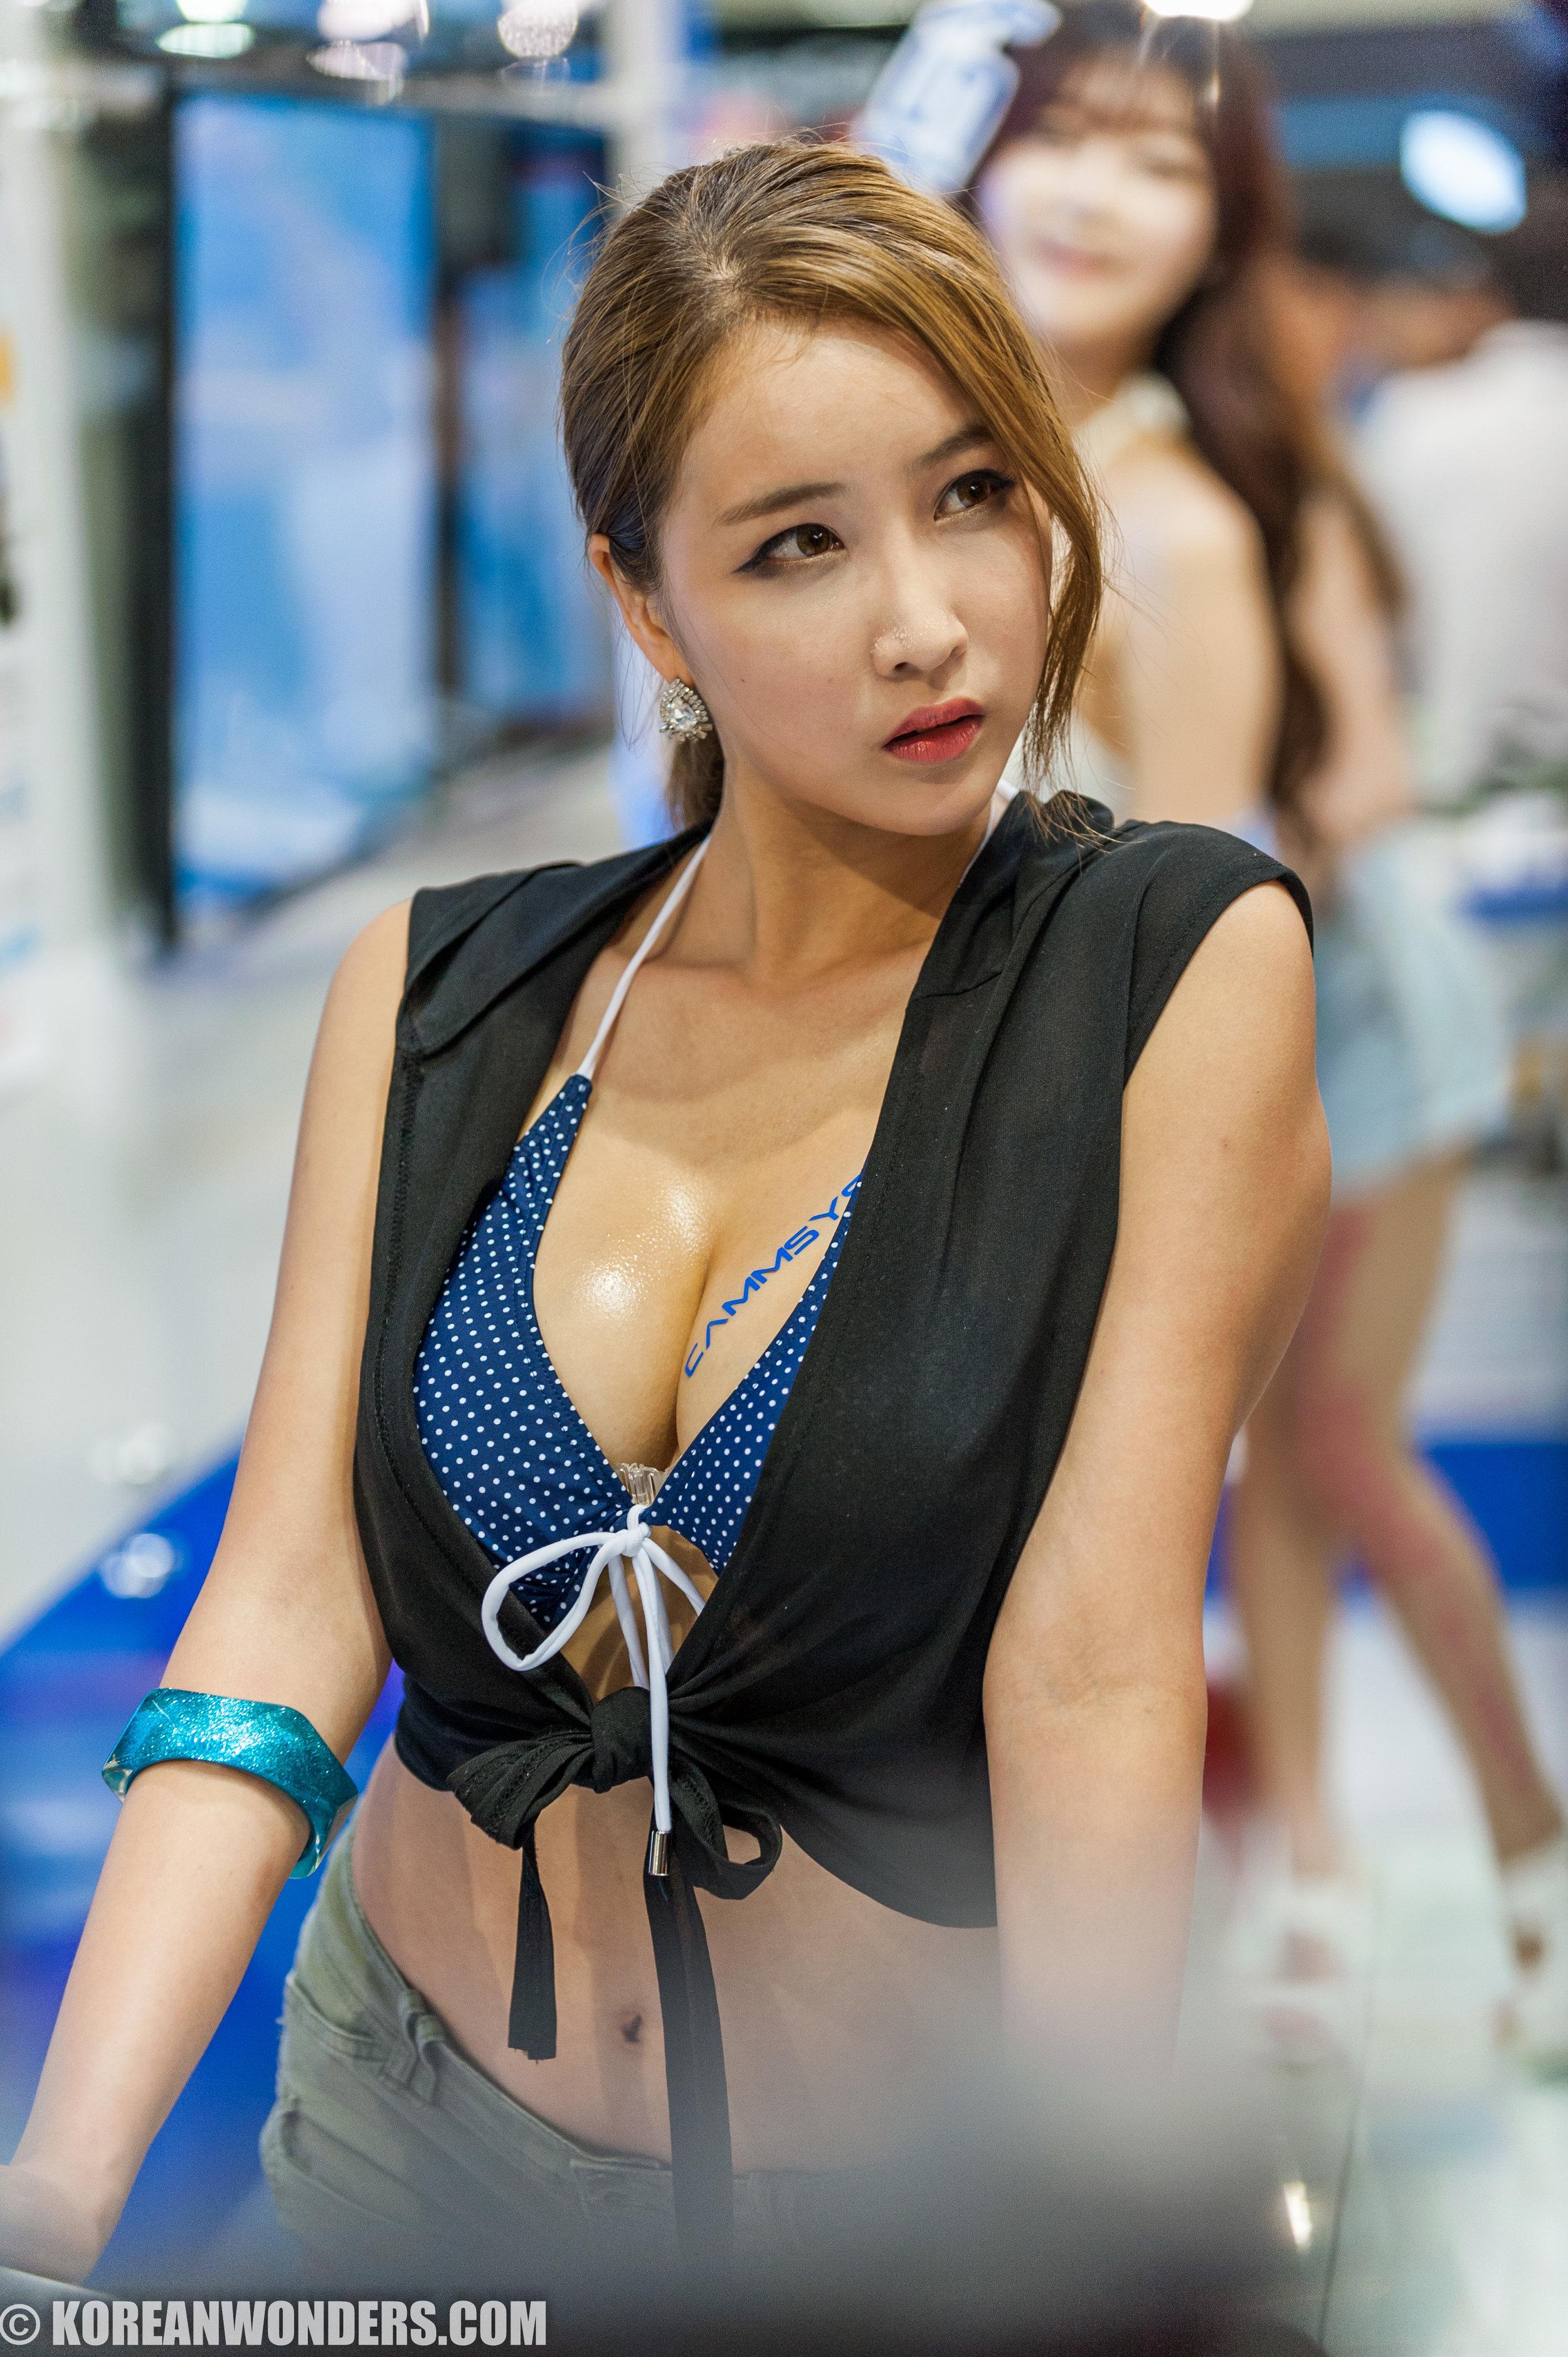 20140713_144048_KRW_4535